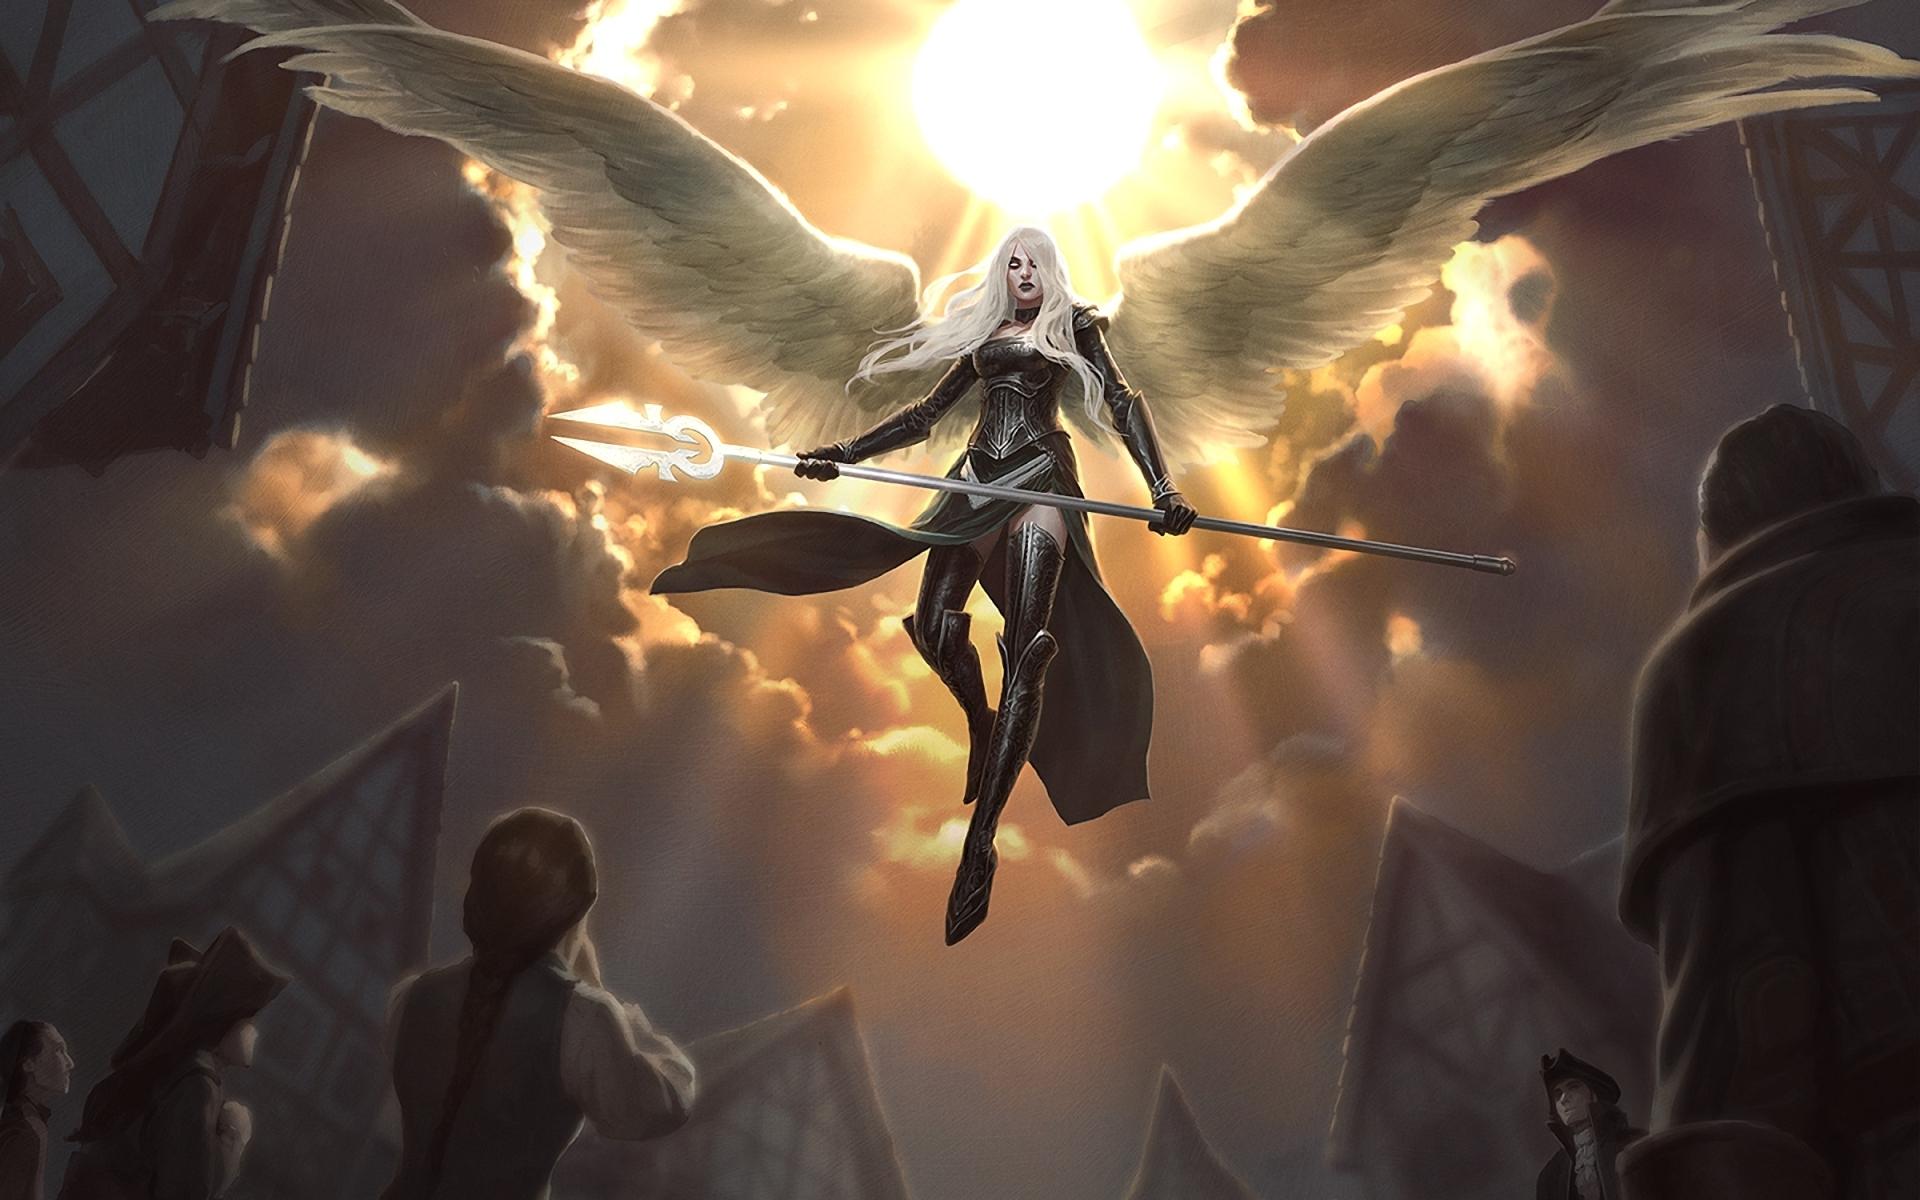 Angel Warrior Woman Warrior Angel Woman Avacyn Magic The Gathering 1920x1200